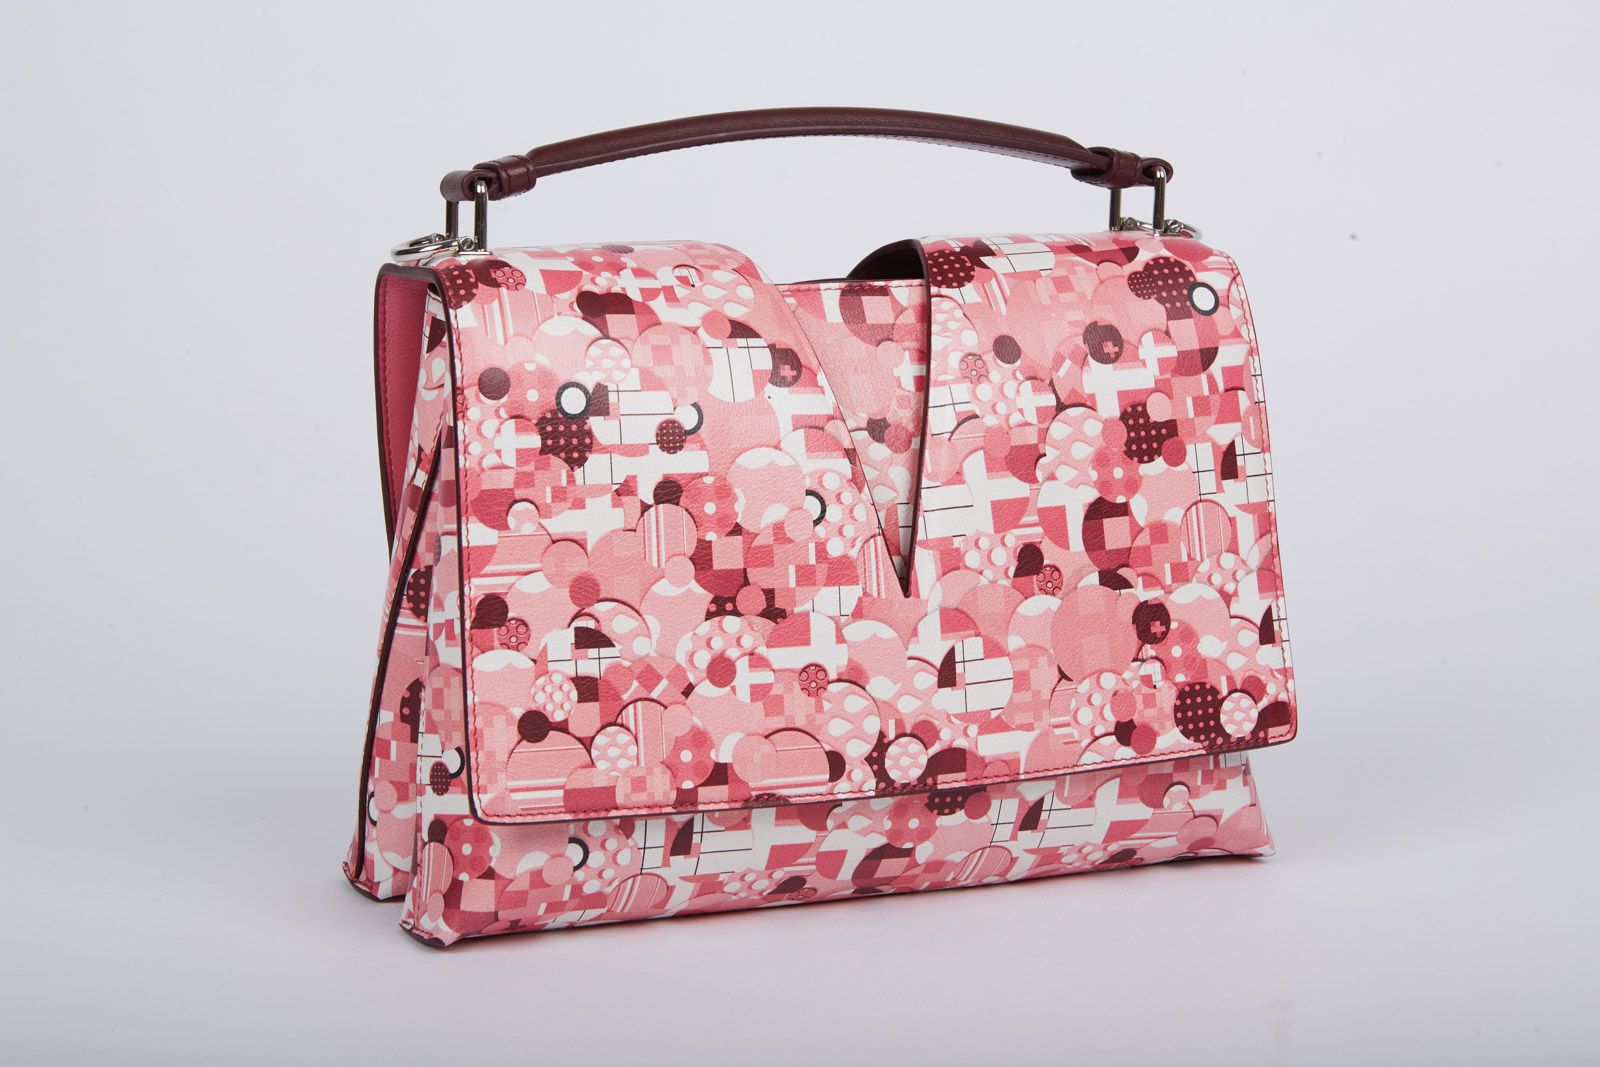 1fe72b4aae86 Jil Sander выпустил культовую сумку View Bag с принтом a la russe всего в  20 экземплярах